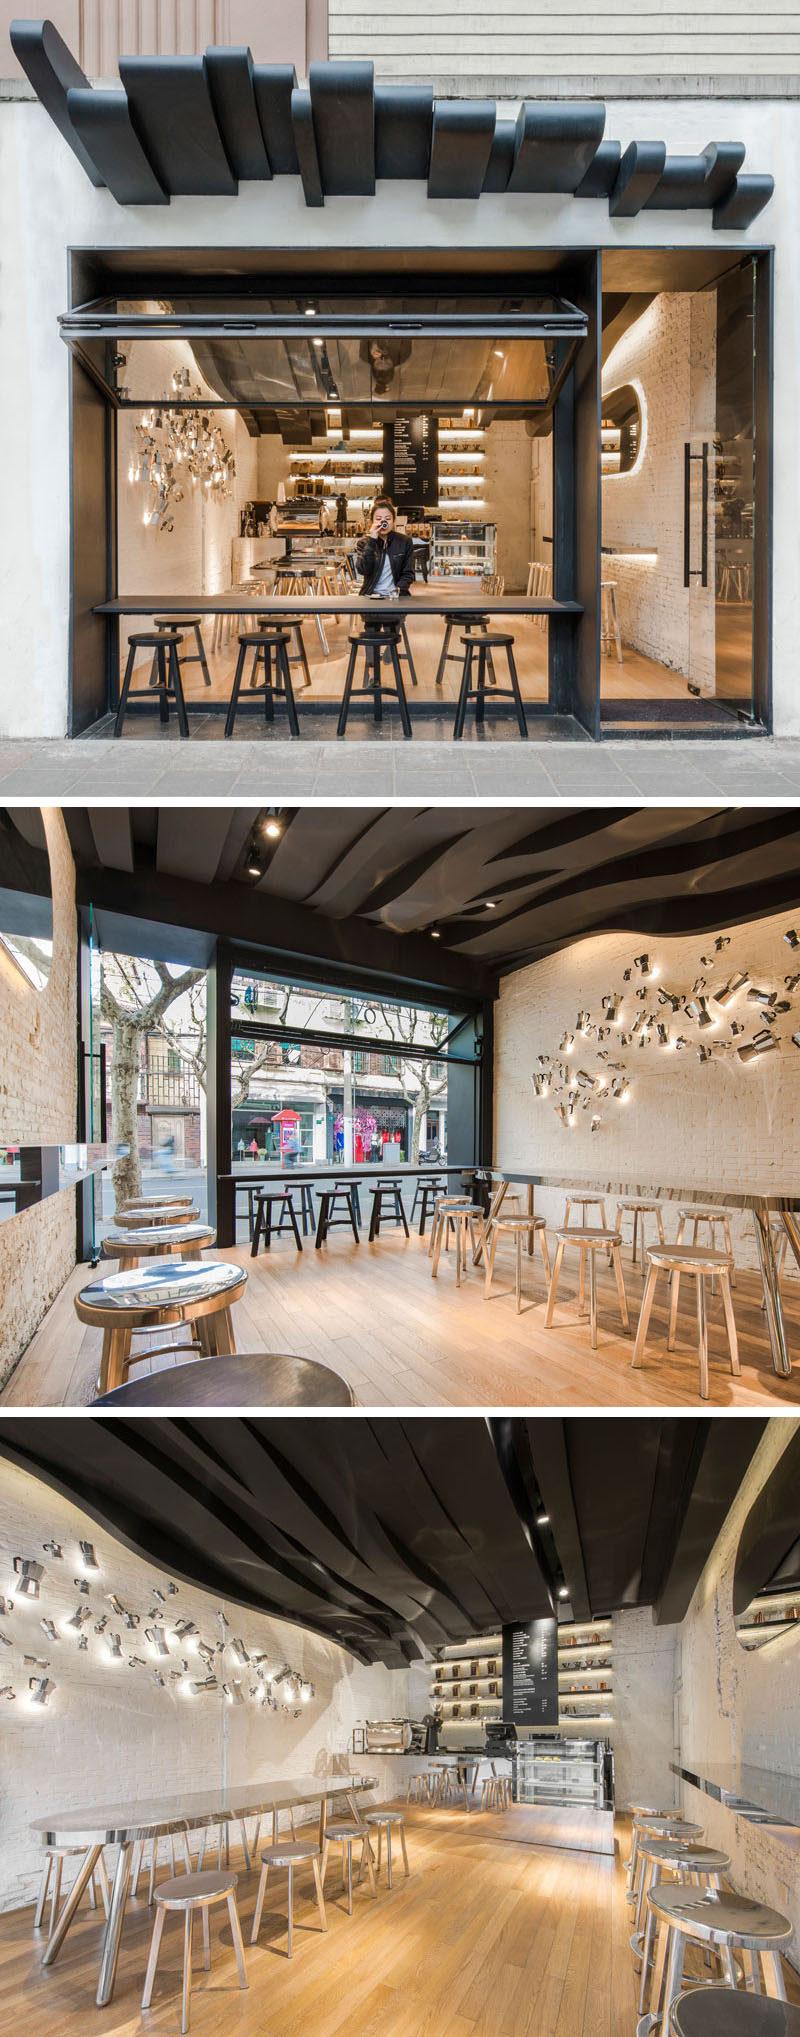 10 cửa hàng cà phê độc đáo ở Châu Á / Alberto Caiola thiết kế Fumi Coffee, một quán cafe ở Thượng Hải, Trung Quốc, được thiết kế để thu hút mọi người bằng cách thu hút sự chú ý của họ bằng một trần nhà điêu khắc chảy từ bên ngoài đến tận phía sau quán cà phê và lấy cảm hứng từ những hơi thơm của cà phê.